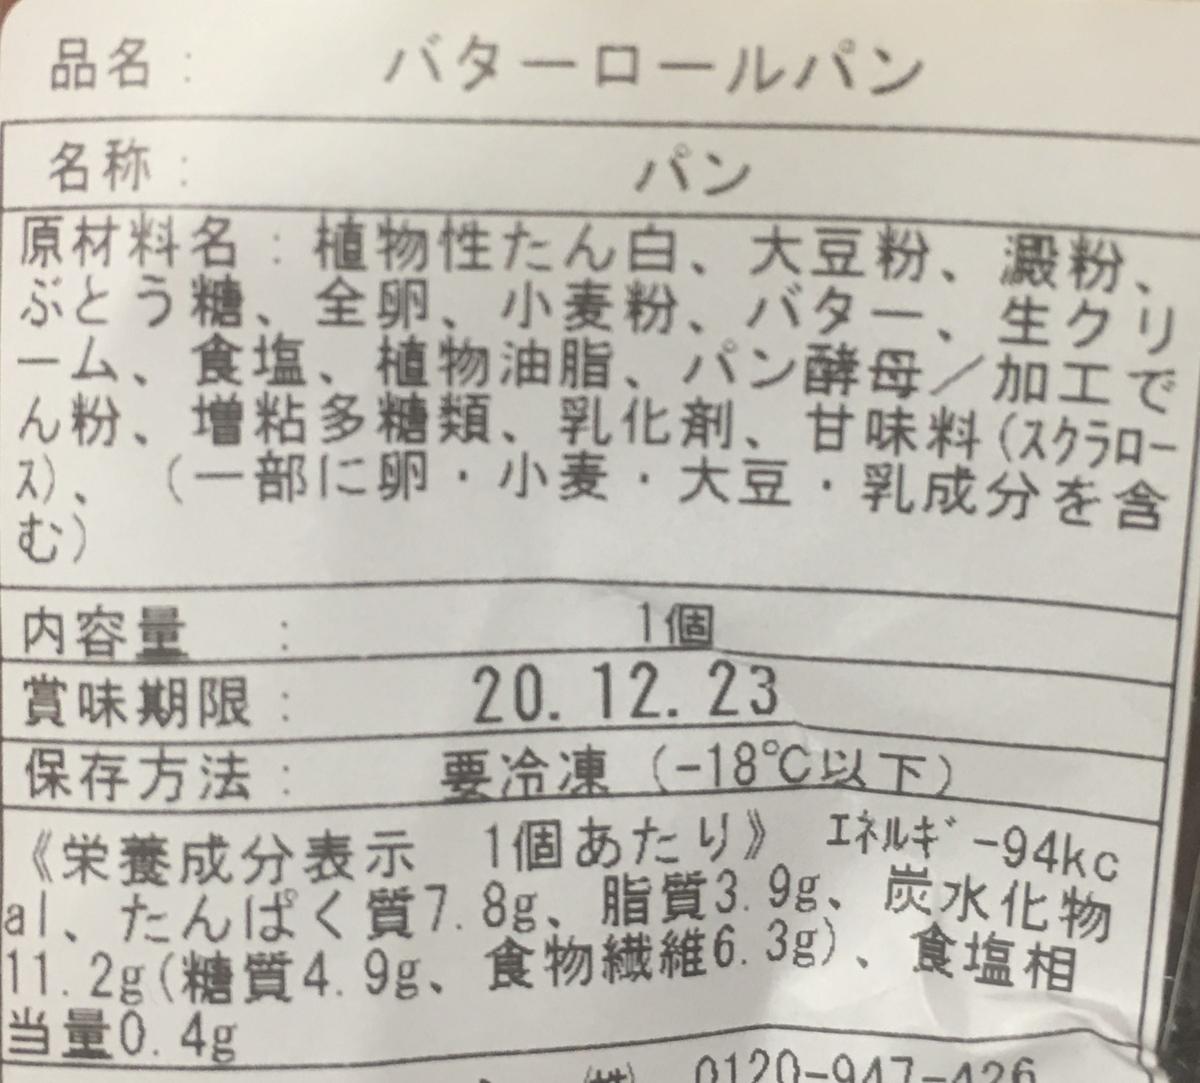 f:id:YOSHIO1010:20200123004131j:plain